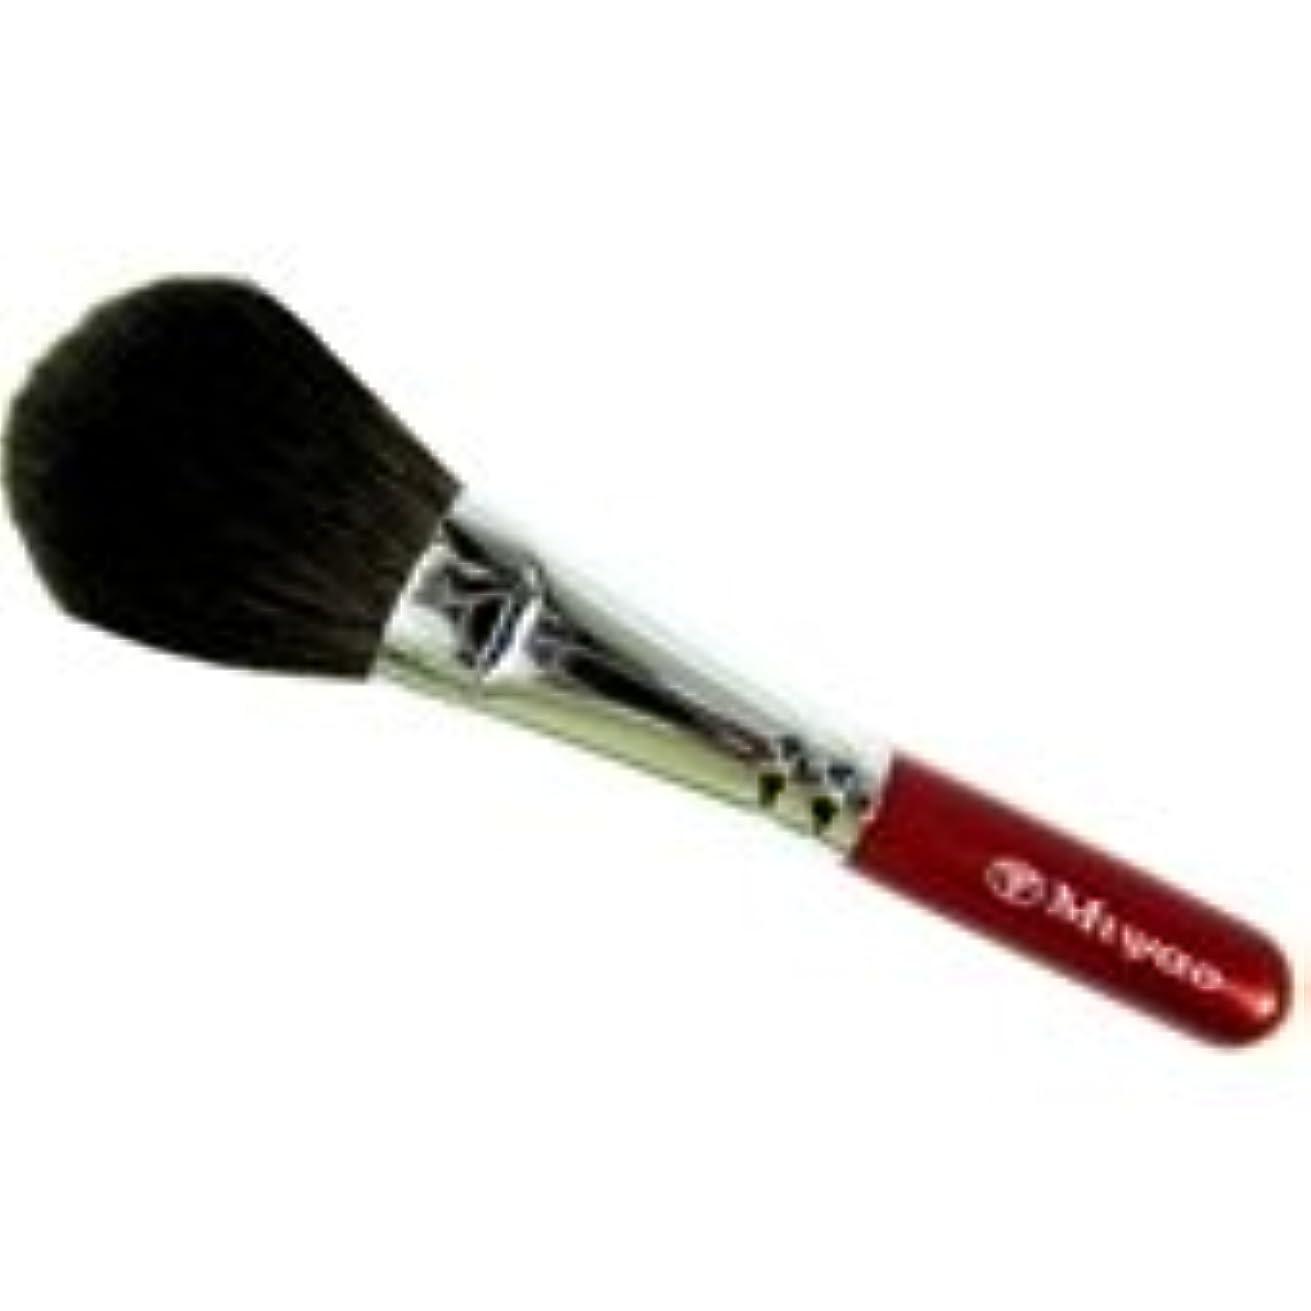 元の主要な寺院メイクブラシ MRシリーズ-8 チークブラシ 灰リス100% 熊野筆 宮尾産業化粧筆